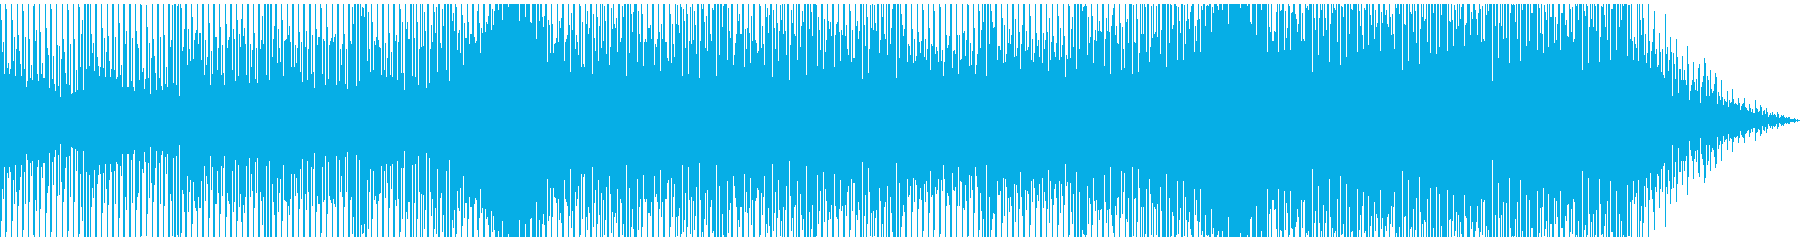 ほのぼのとしたチルアウトの再生済みの波形